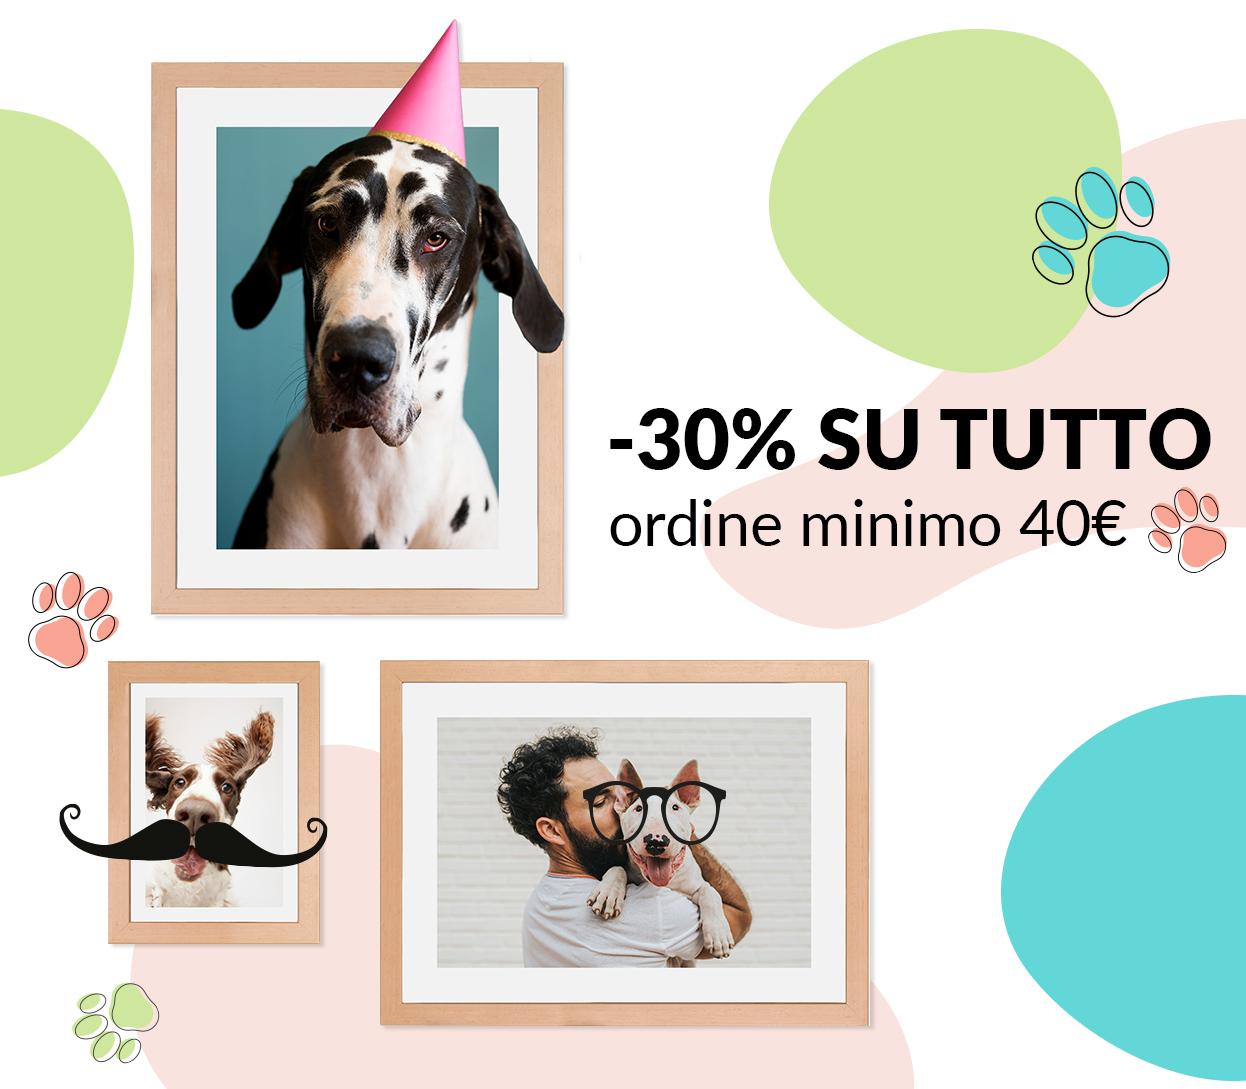 -30% su tutto (ordine minimo 40€)